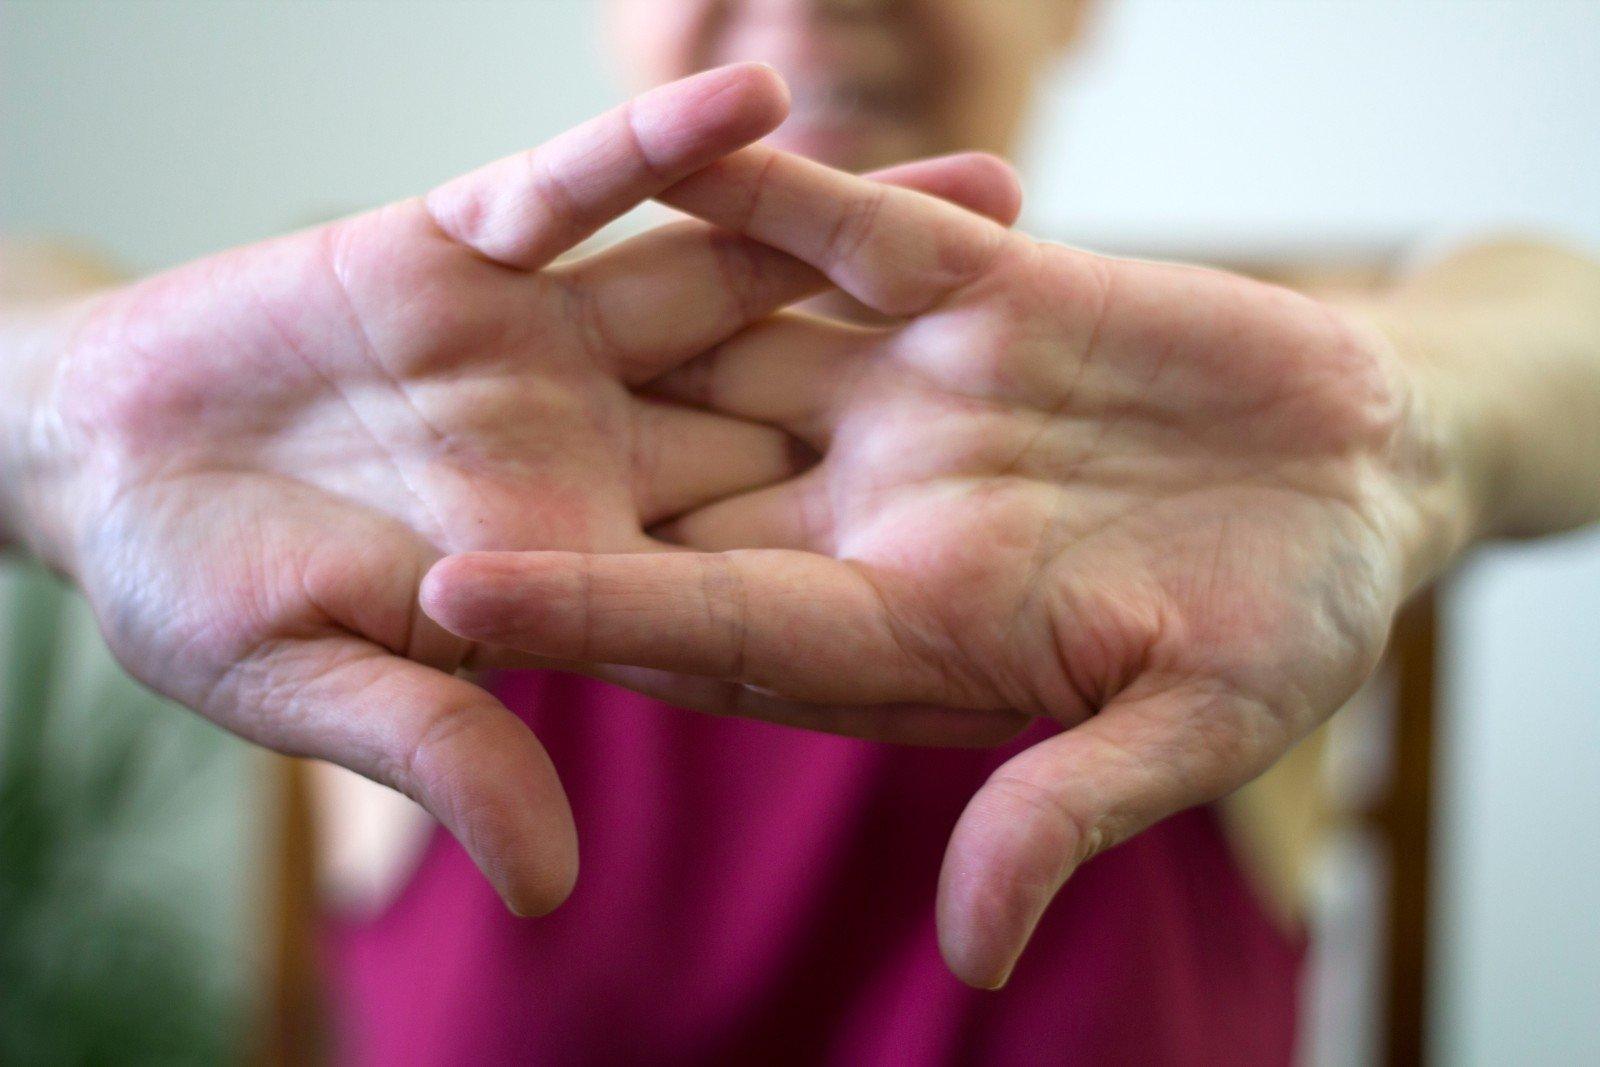 kaulų ir sąnarių į nykščio skauda sąnarių skausmas žarnyno ligos